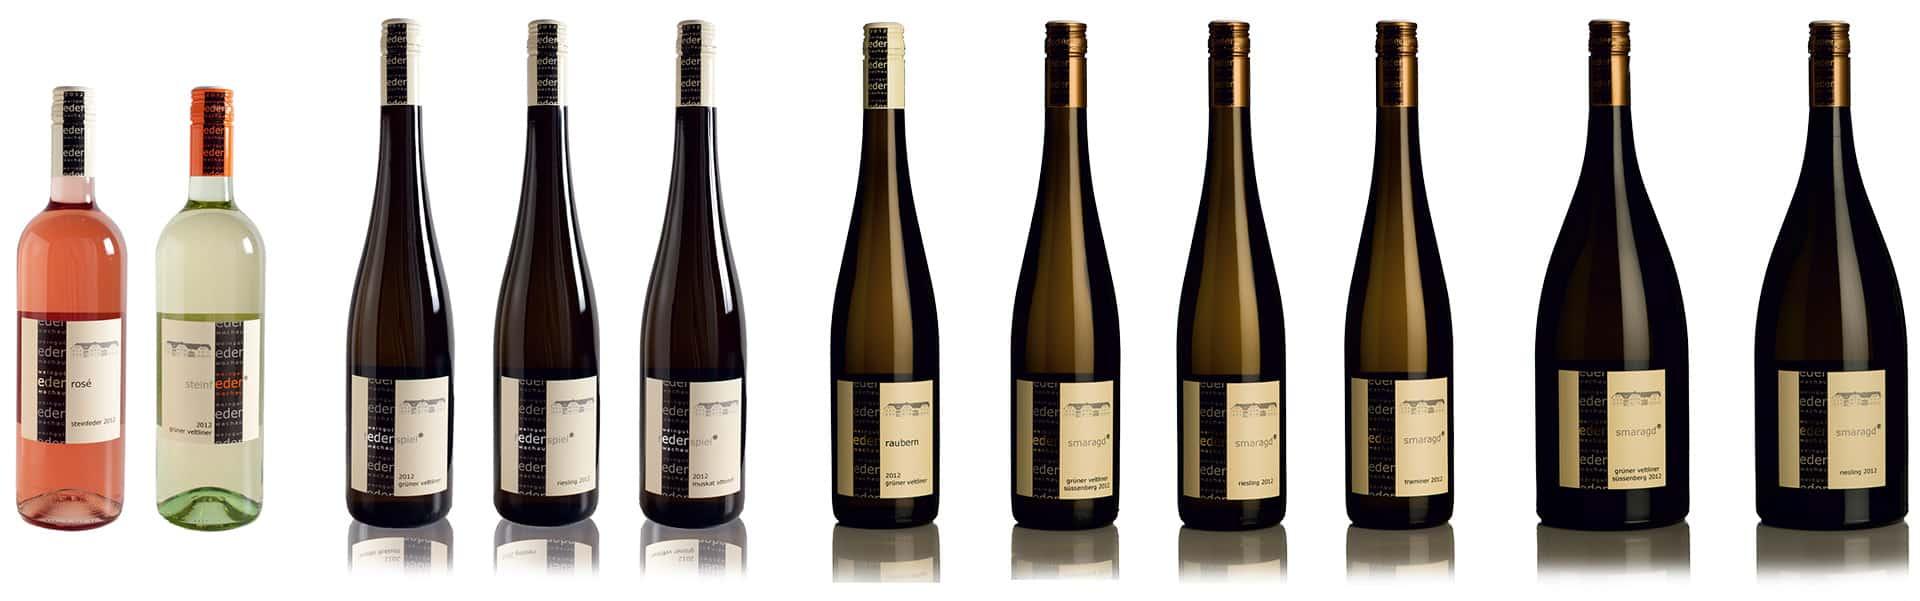 Weinkellerei Meraner Weingut Eder